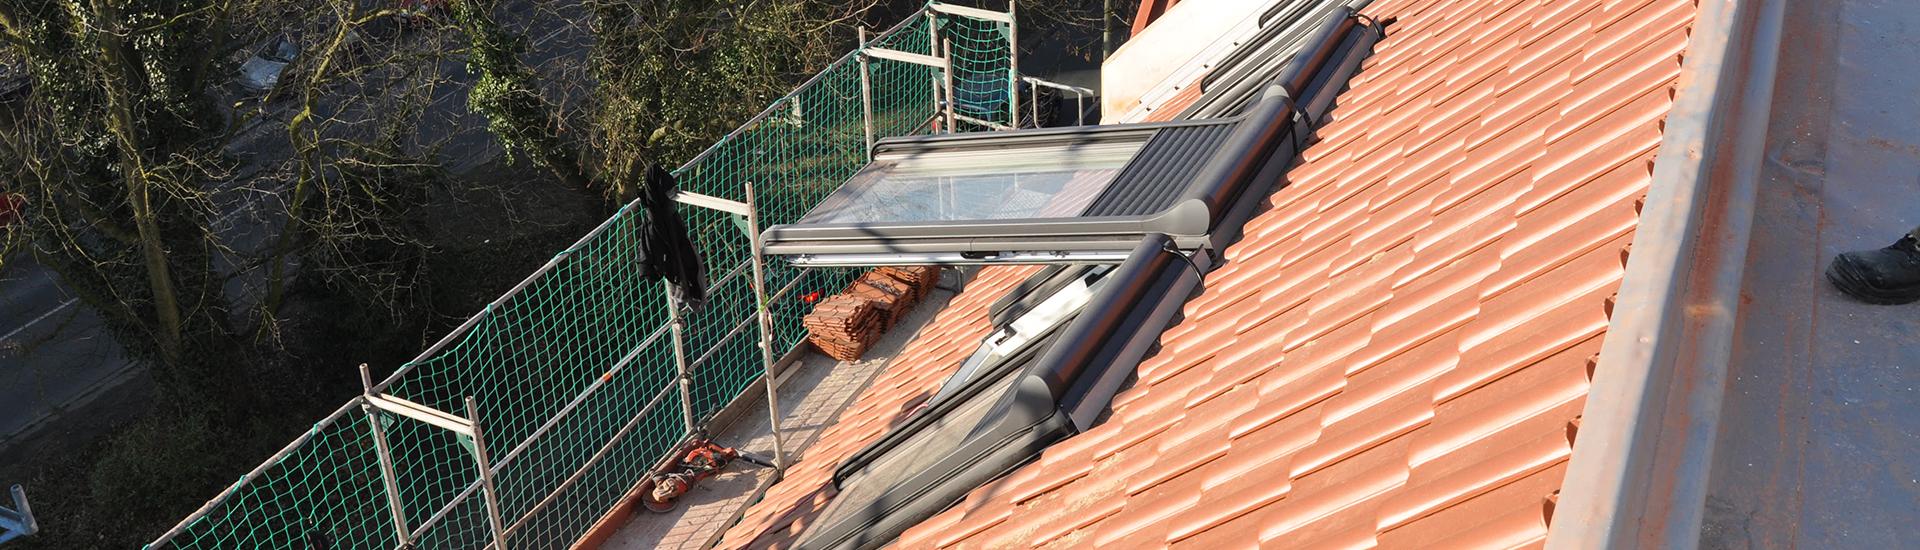 Heger Tor Wall Dachsanierung